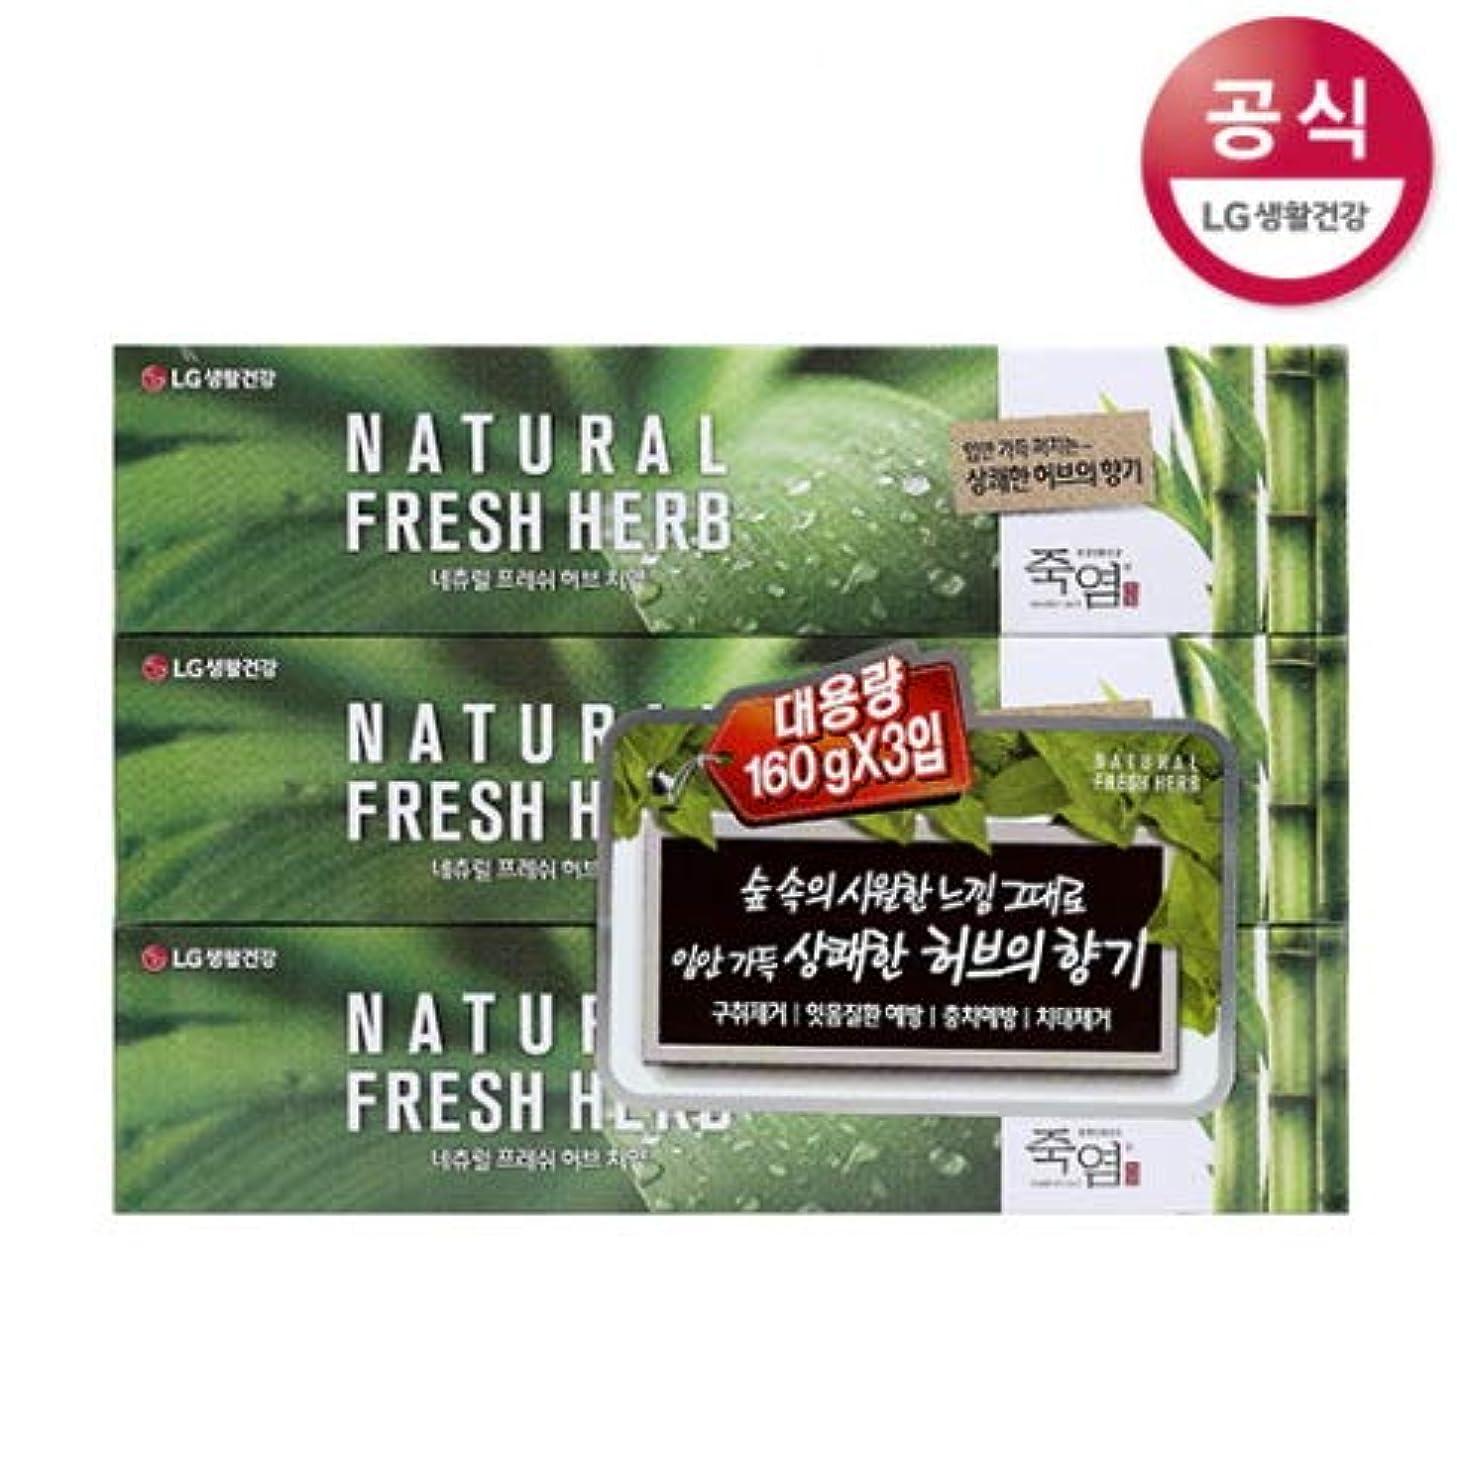 同意する繕う敬意[LG HnB] Bamboo Salt Natural Fresh Herbal Toothpaste/竹塩ナチュラルフレッシュハーブ歯磨き粉 160gx3個(海外直送品)